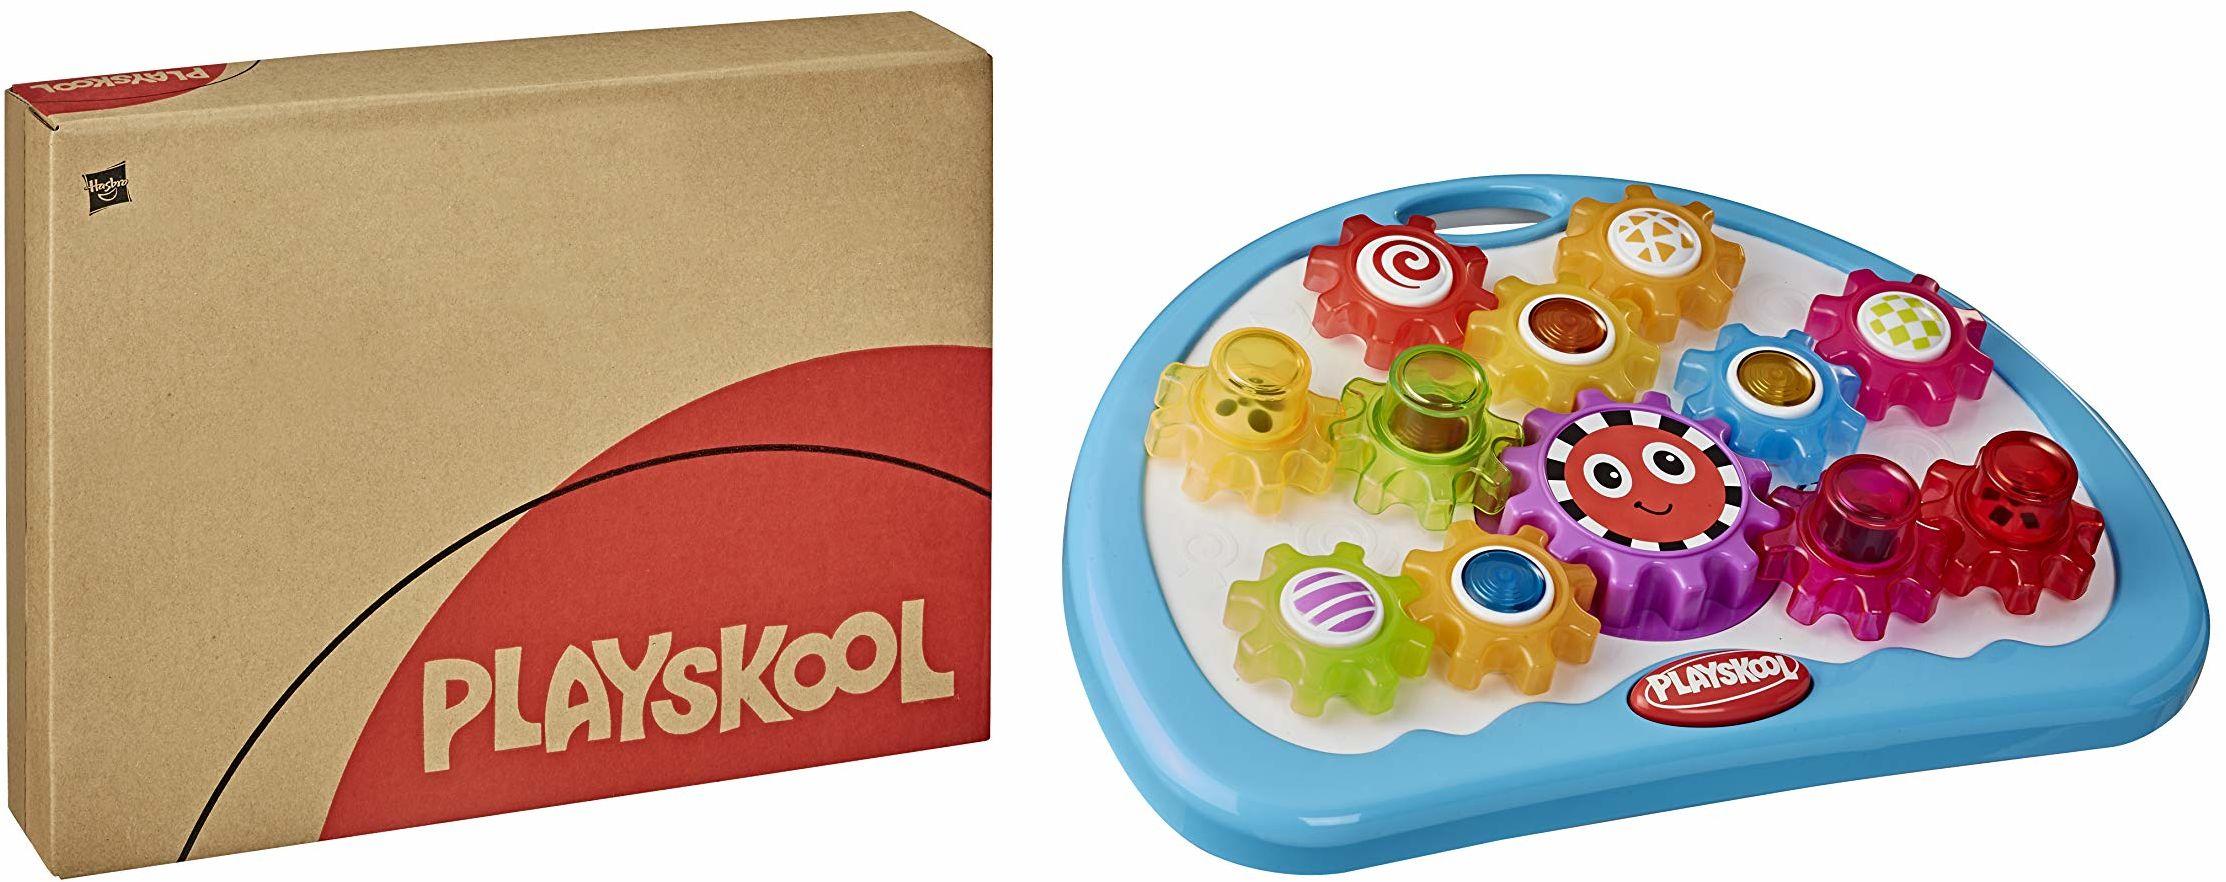 Playskool Zabawa z kołem zębatym, zabawka dla niemowląt i małych dzieci od 12 miesięcy ze światłem, dźwiękami i mi obrotowymi (Amazon Exclusive)